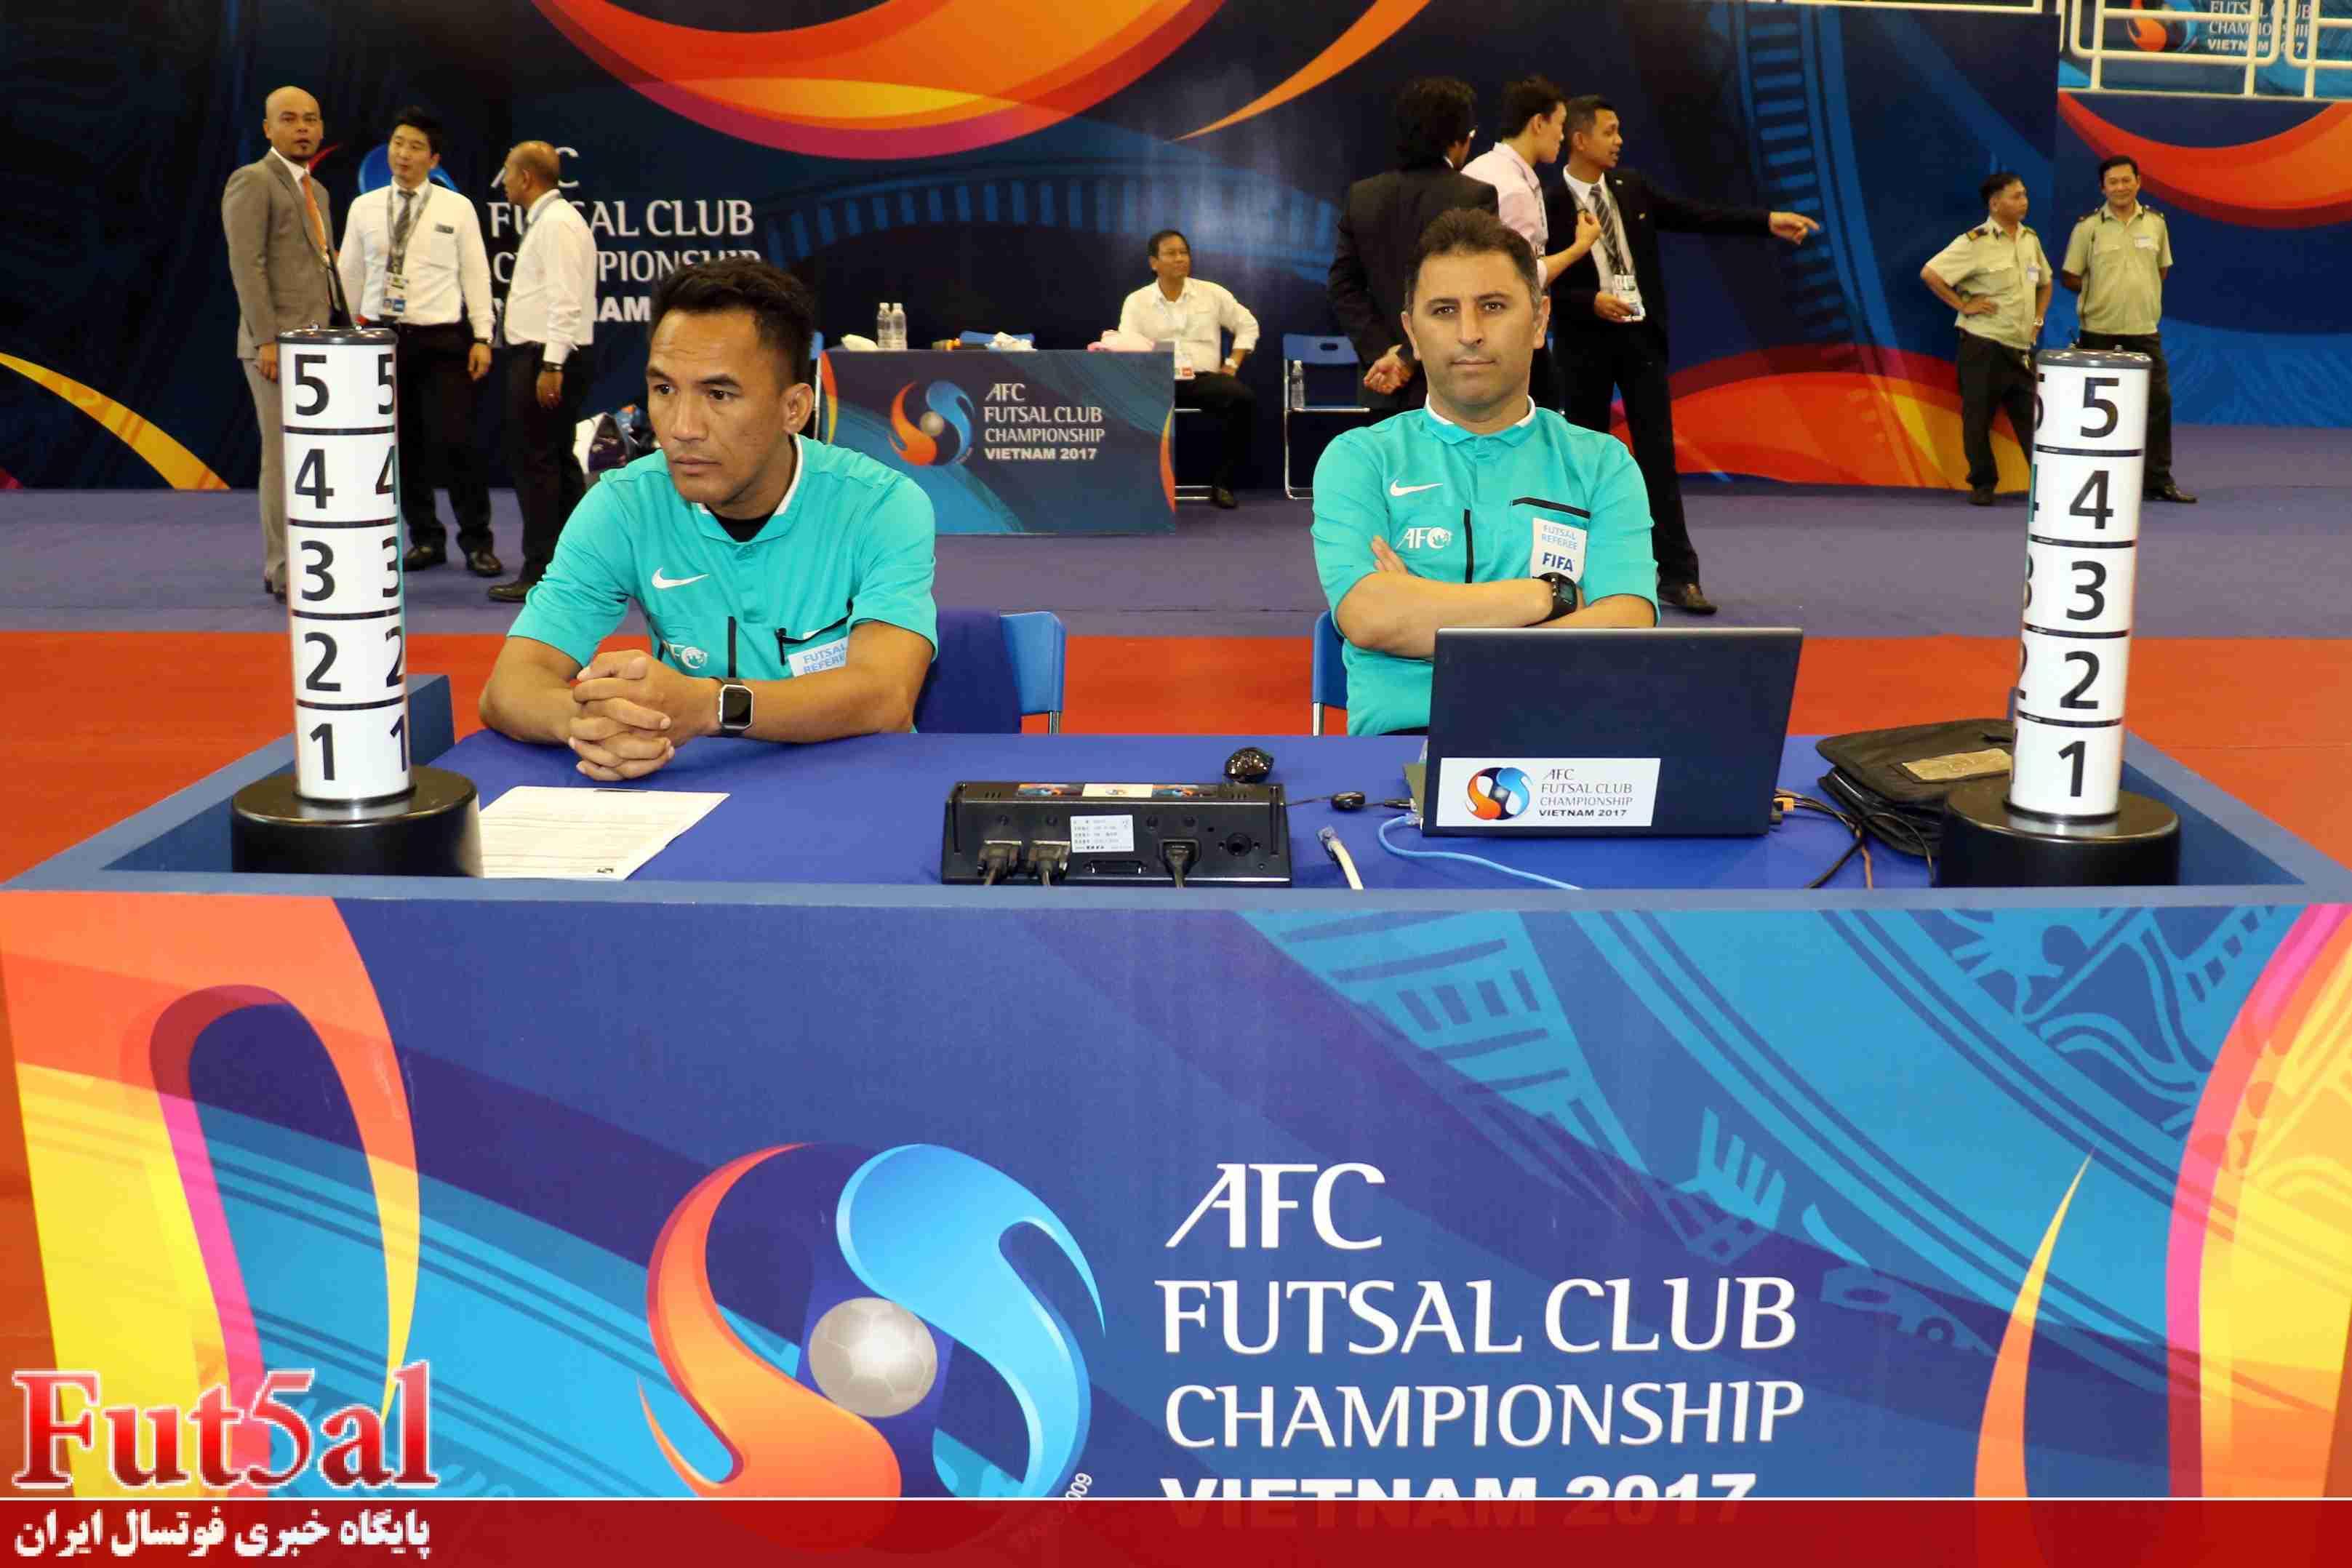 نصیرلو: ترجیح میدهم فینال سوت نزنم اما نماینده کشورم قهرمان آسیا شود